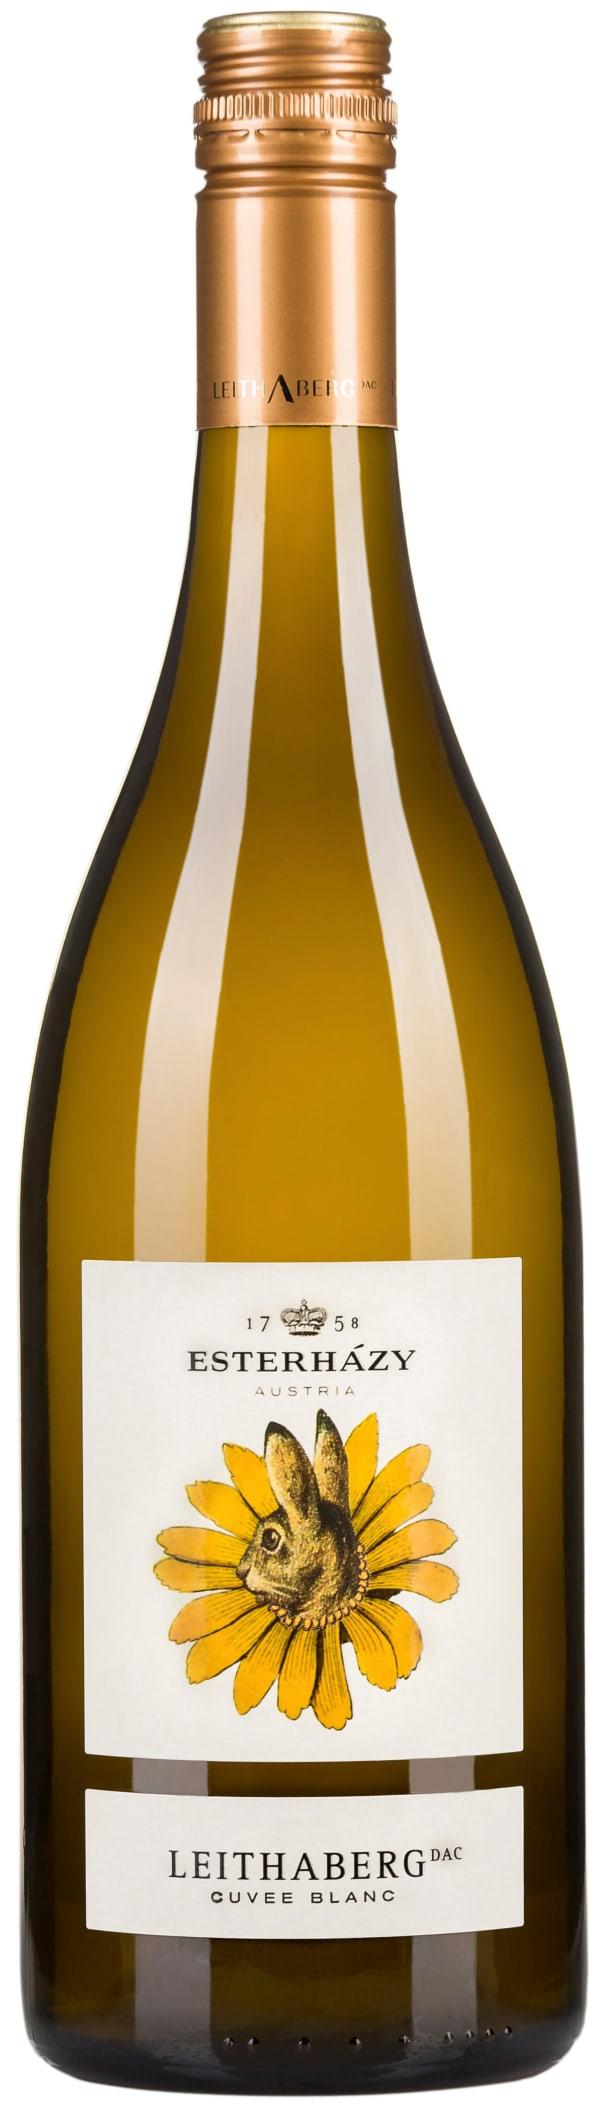 Esterházy Chardonnay 2015